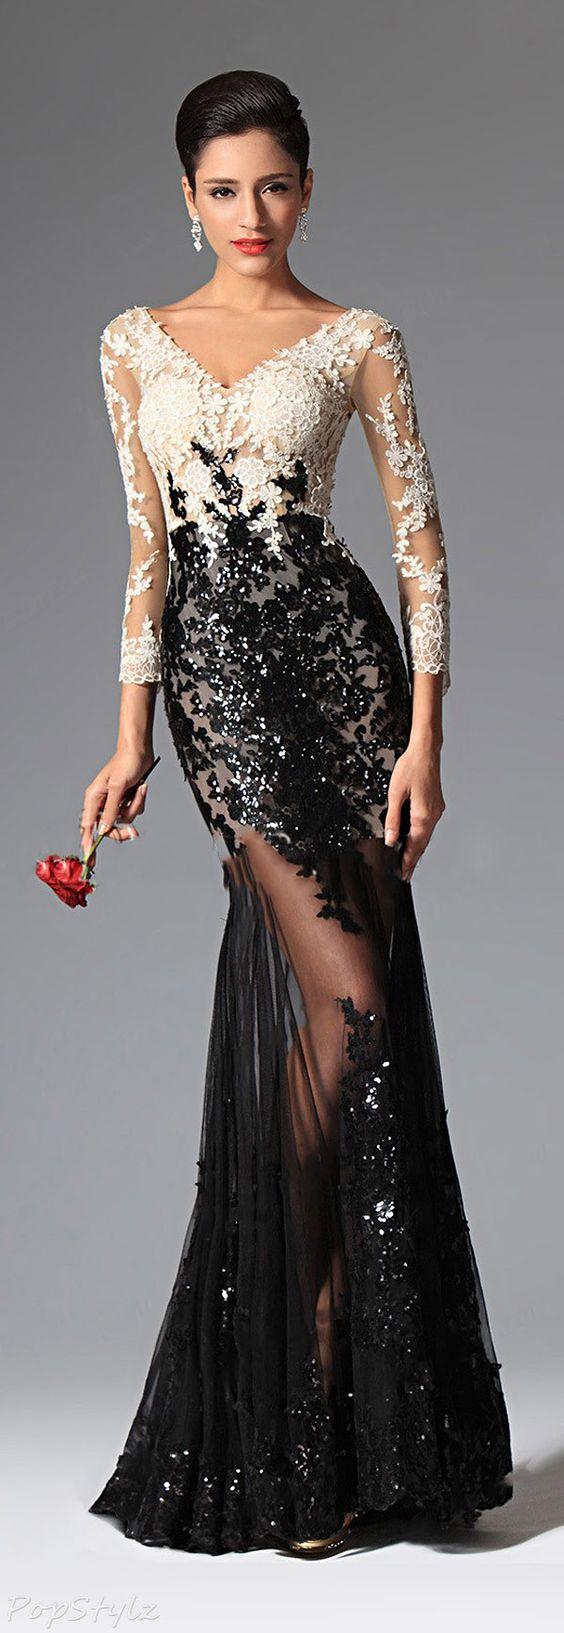 vestido gala preto e branco